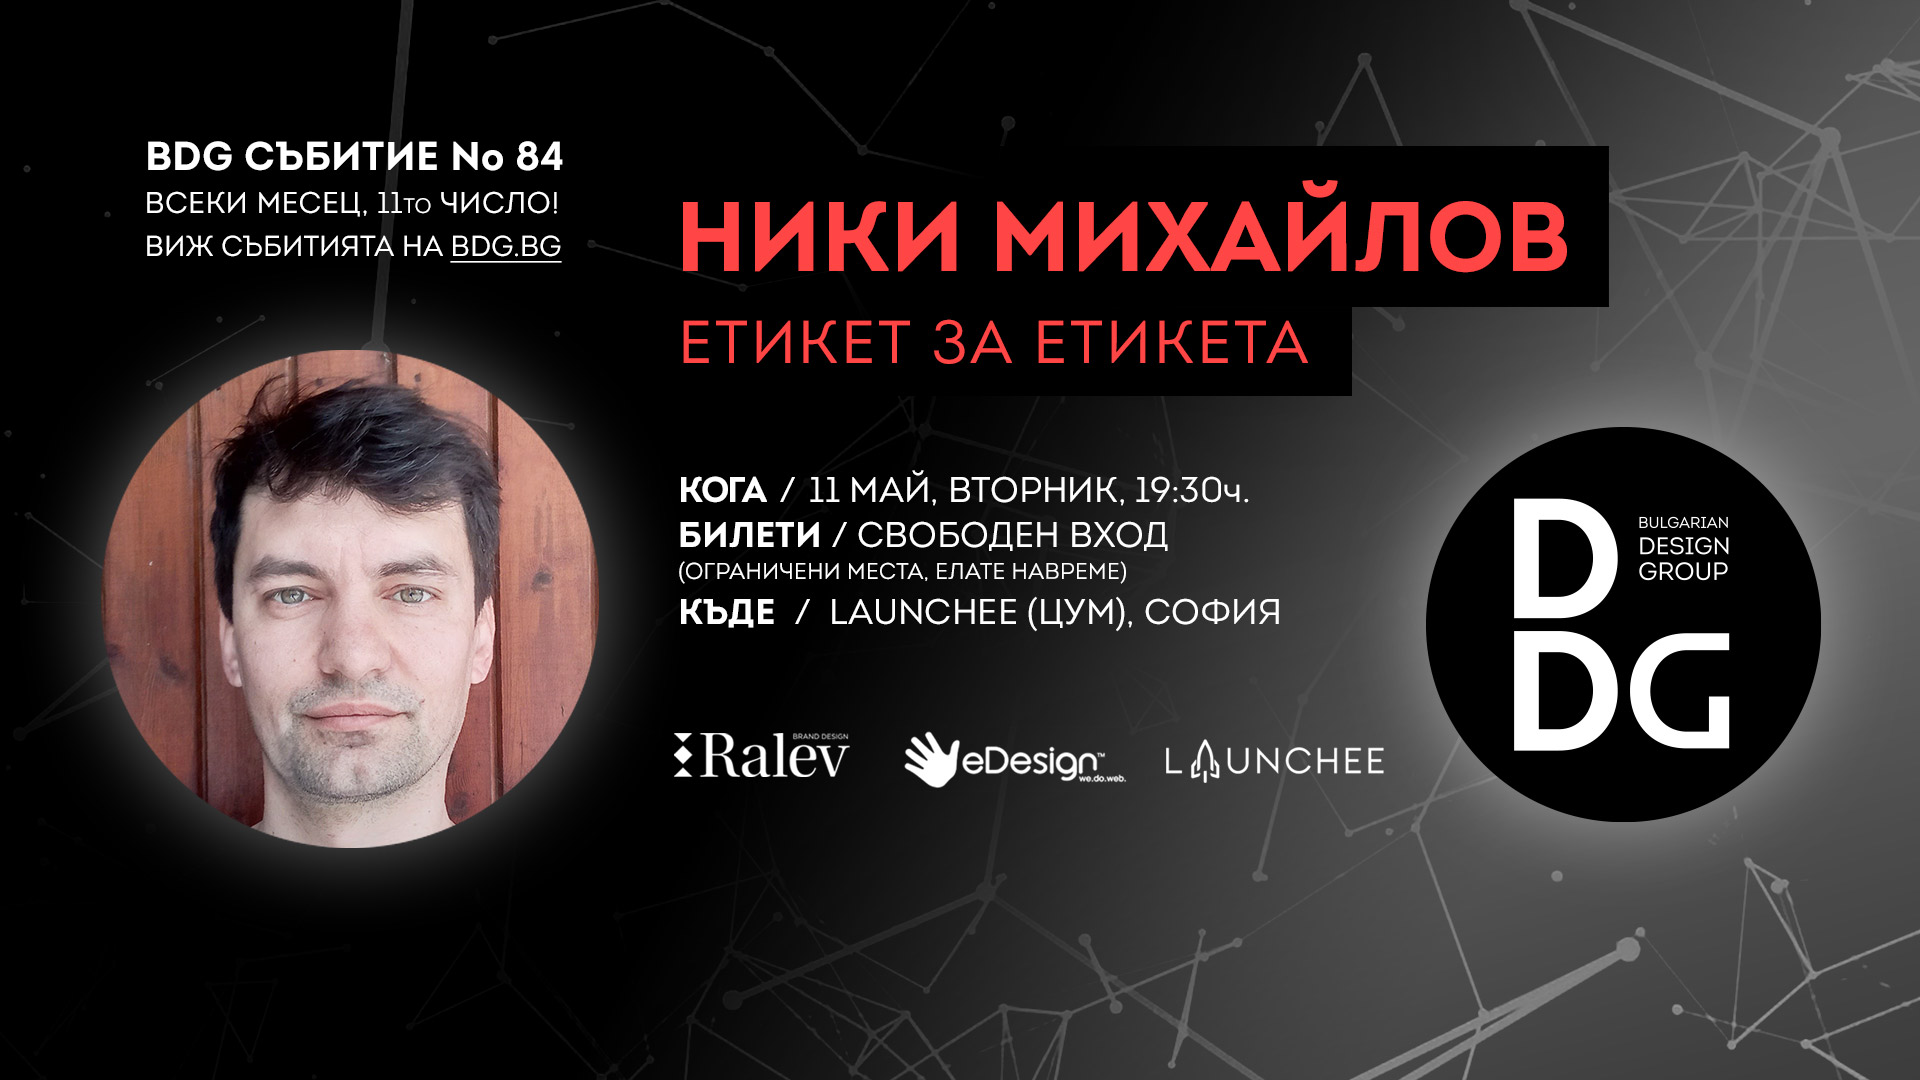 БДГ Събитие №84 с Ники Михайлов - дизайнер на етикети